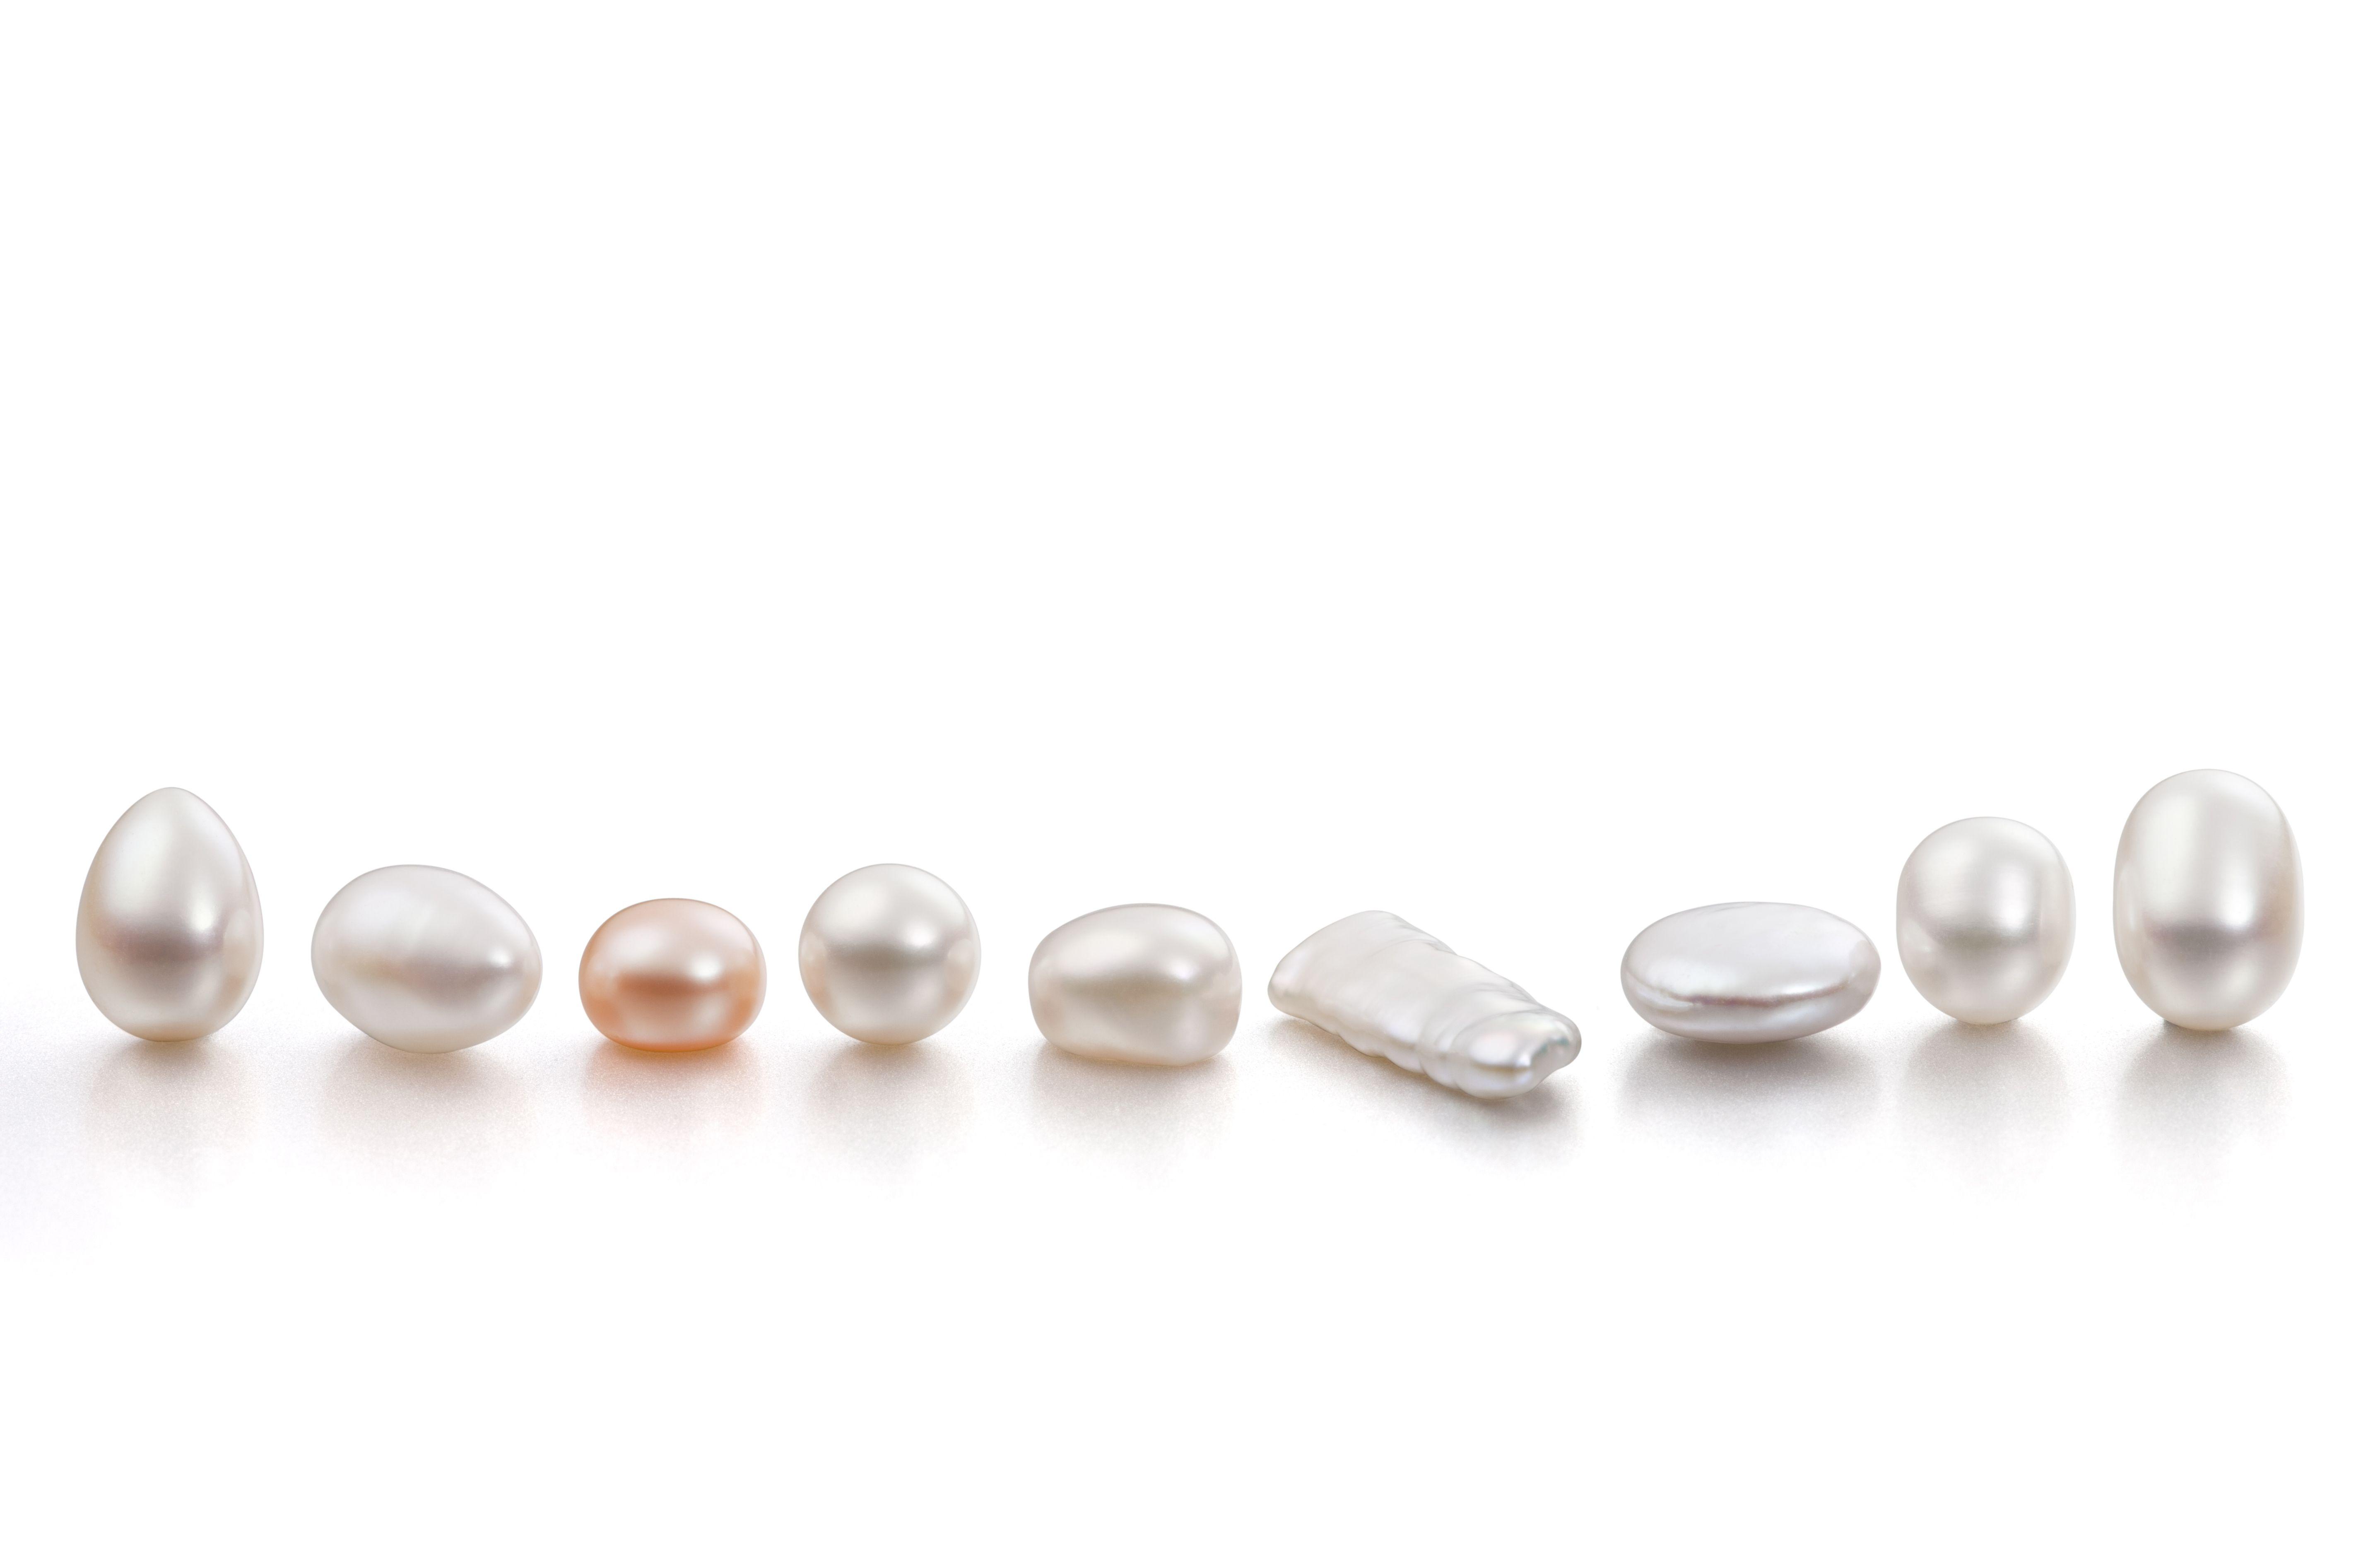 köpa pärlor på nätet